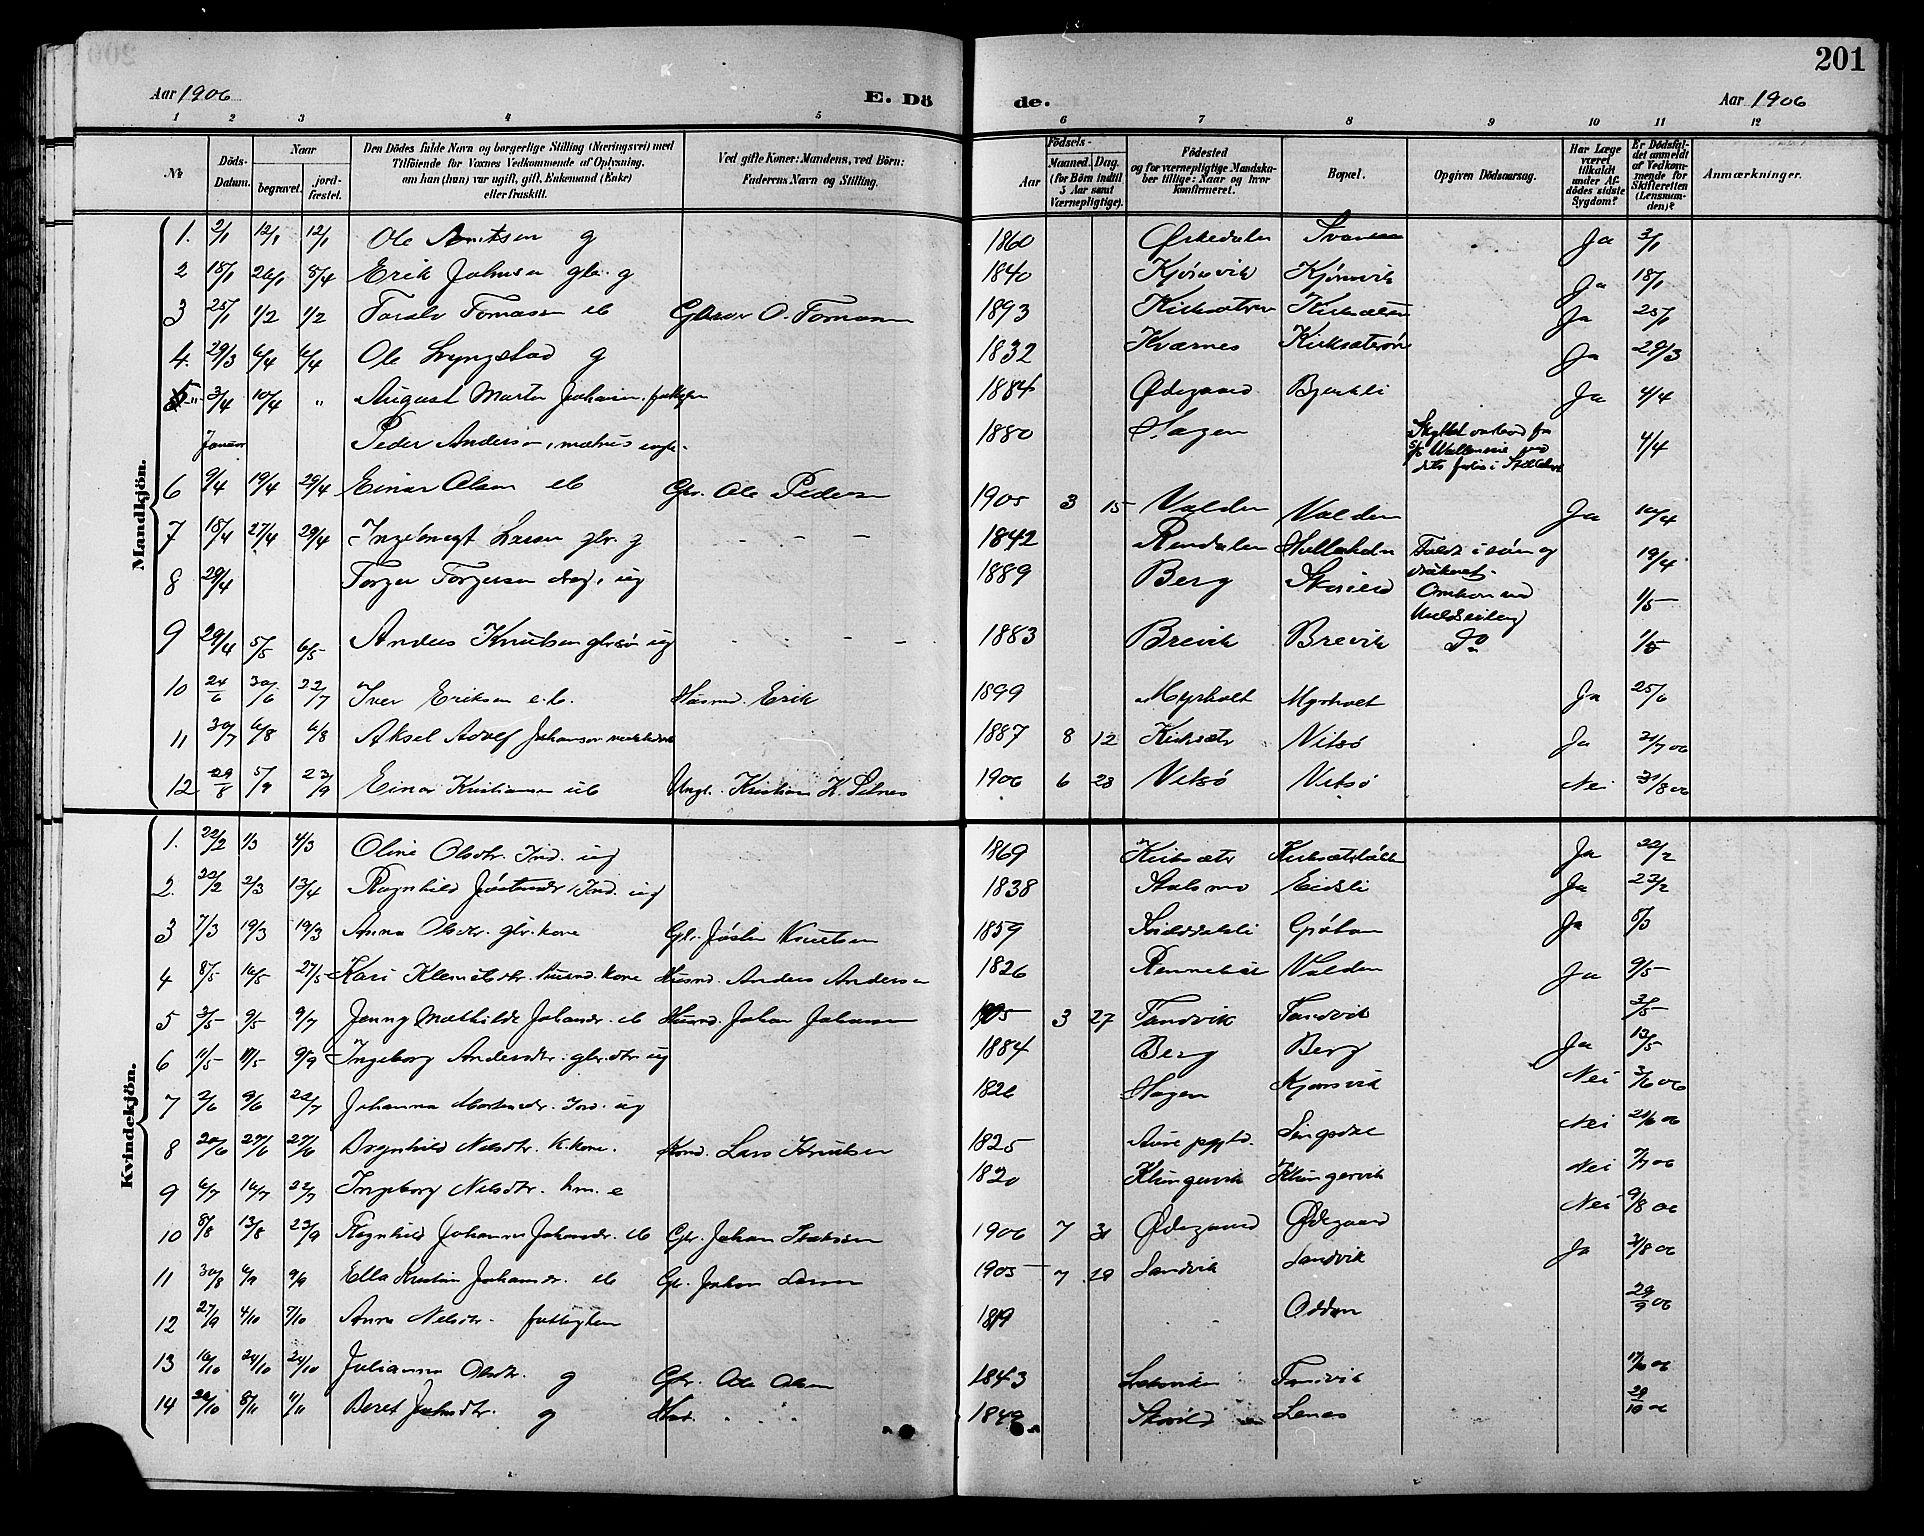 SAT, Ministerialprotokoller, klokkerbøker og fødselsregistre - Sør-Trøndelag, 630/L0505: Klokkerbok nr. 630C03, 1899-1914, s. 201